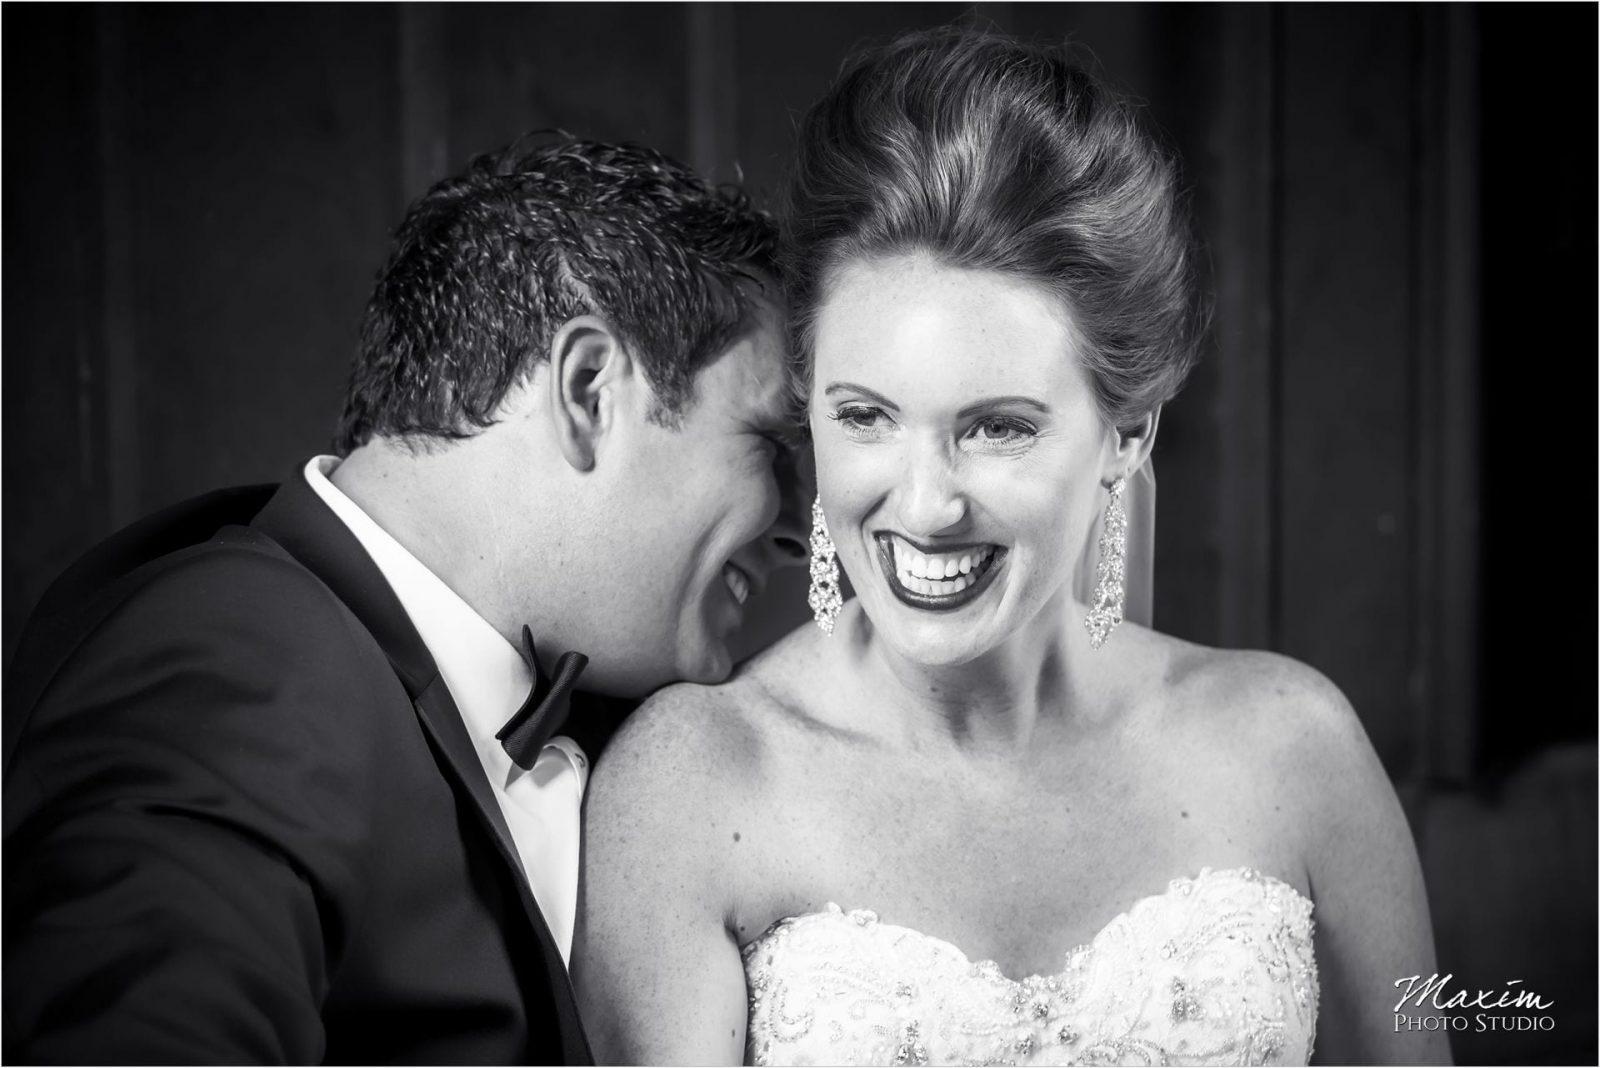 Norman Chapel, Cincinnati Wedding, bride groom